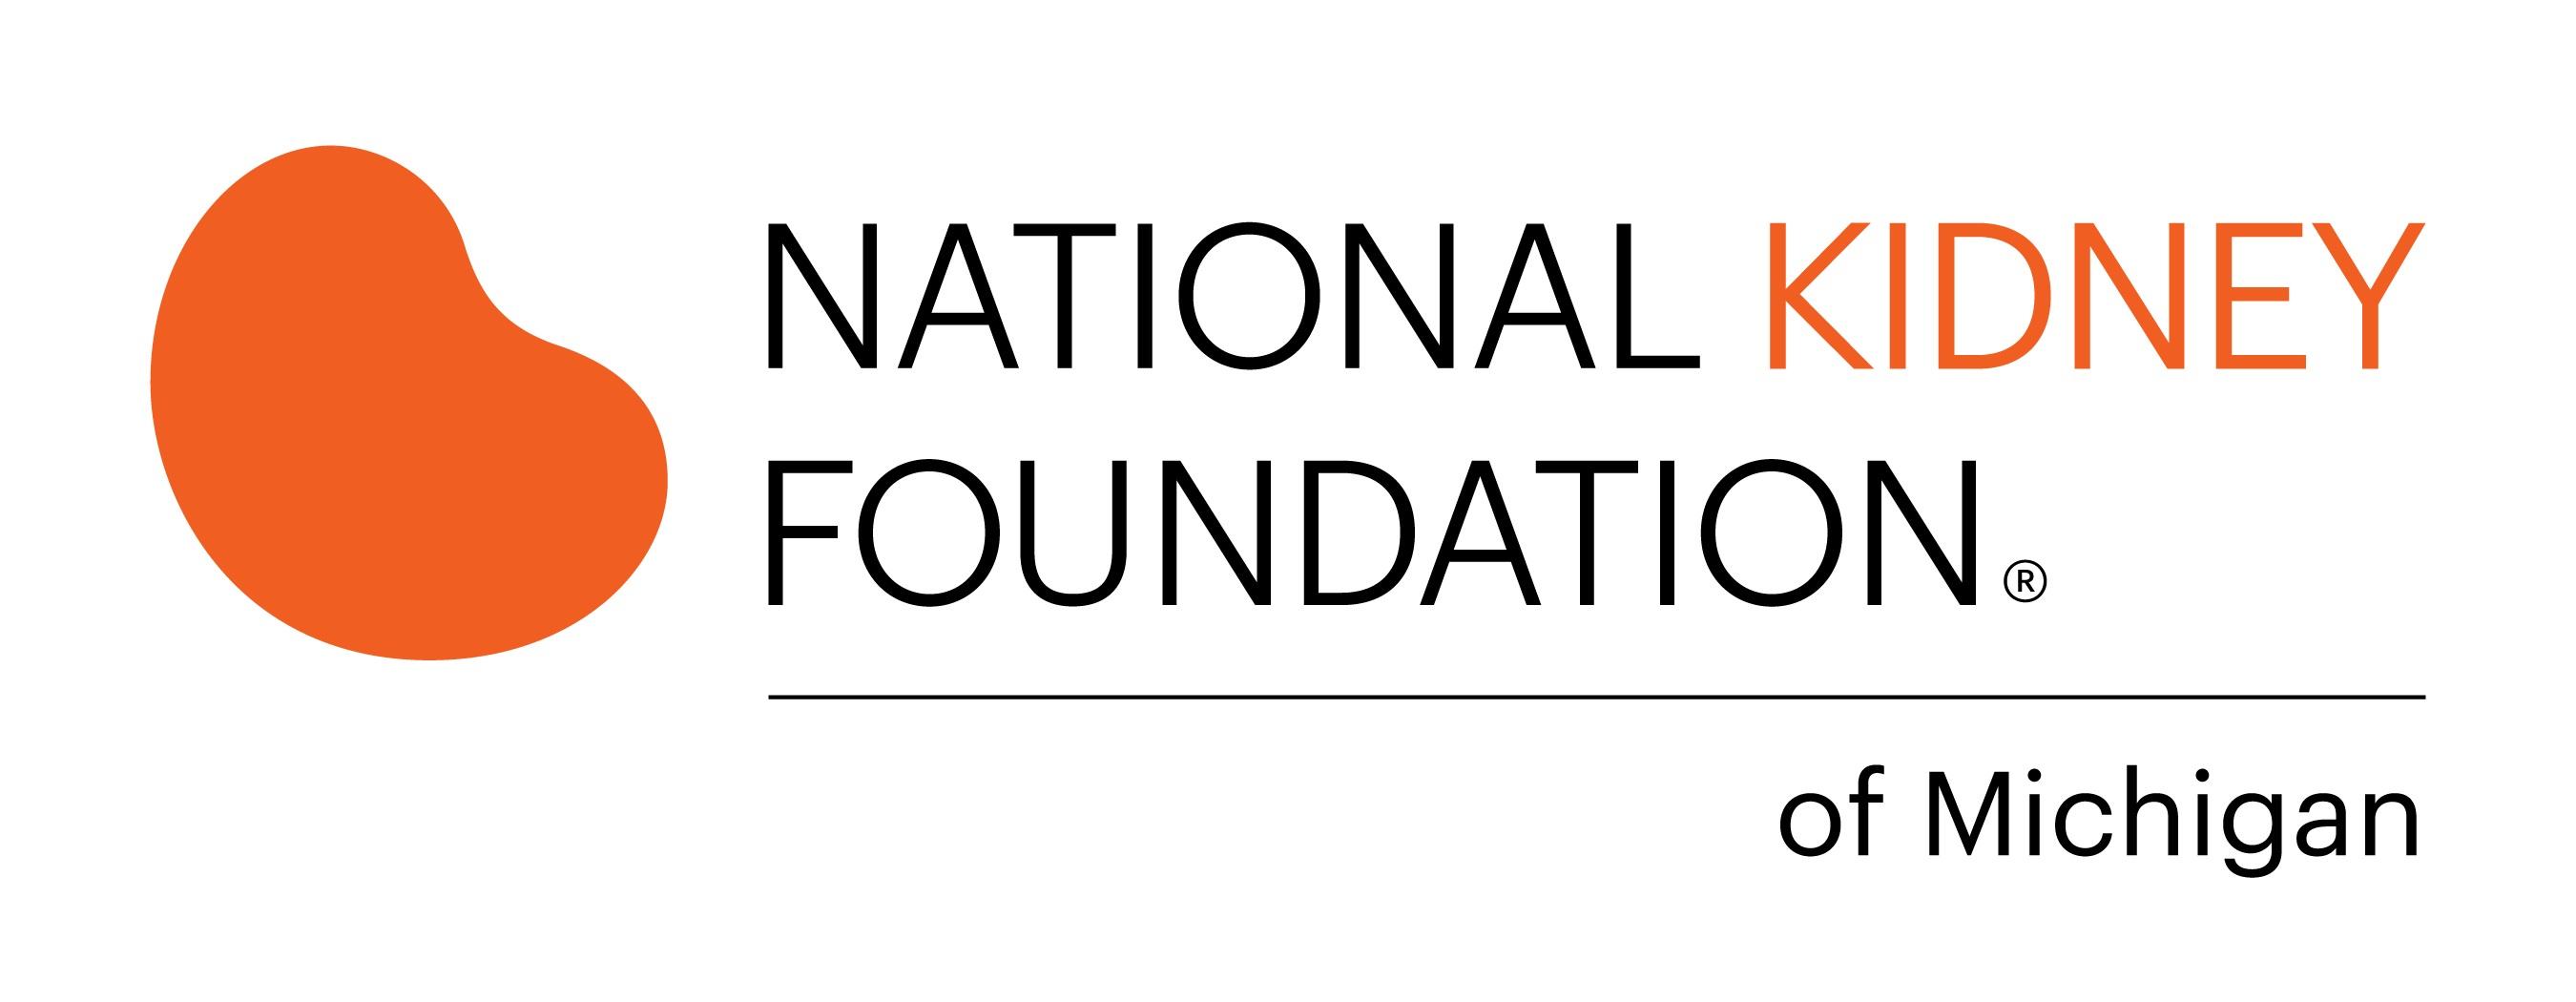 Nkf logo2 ob michigan